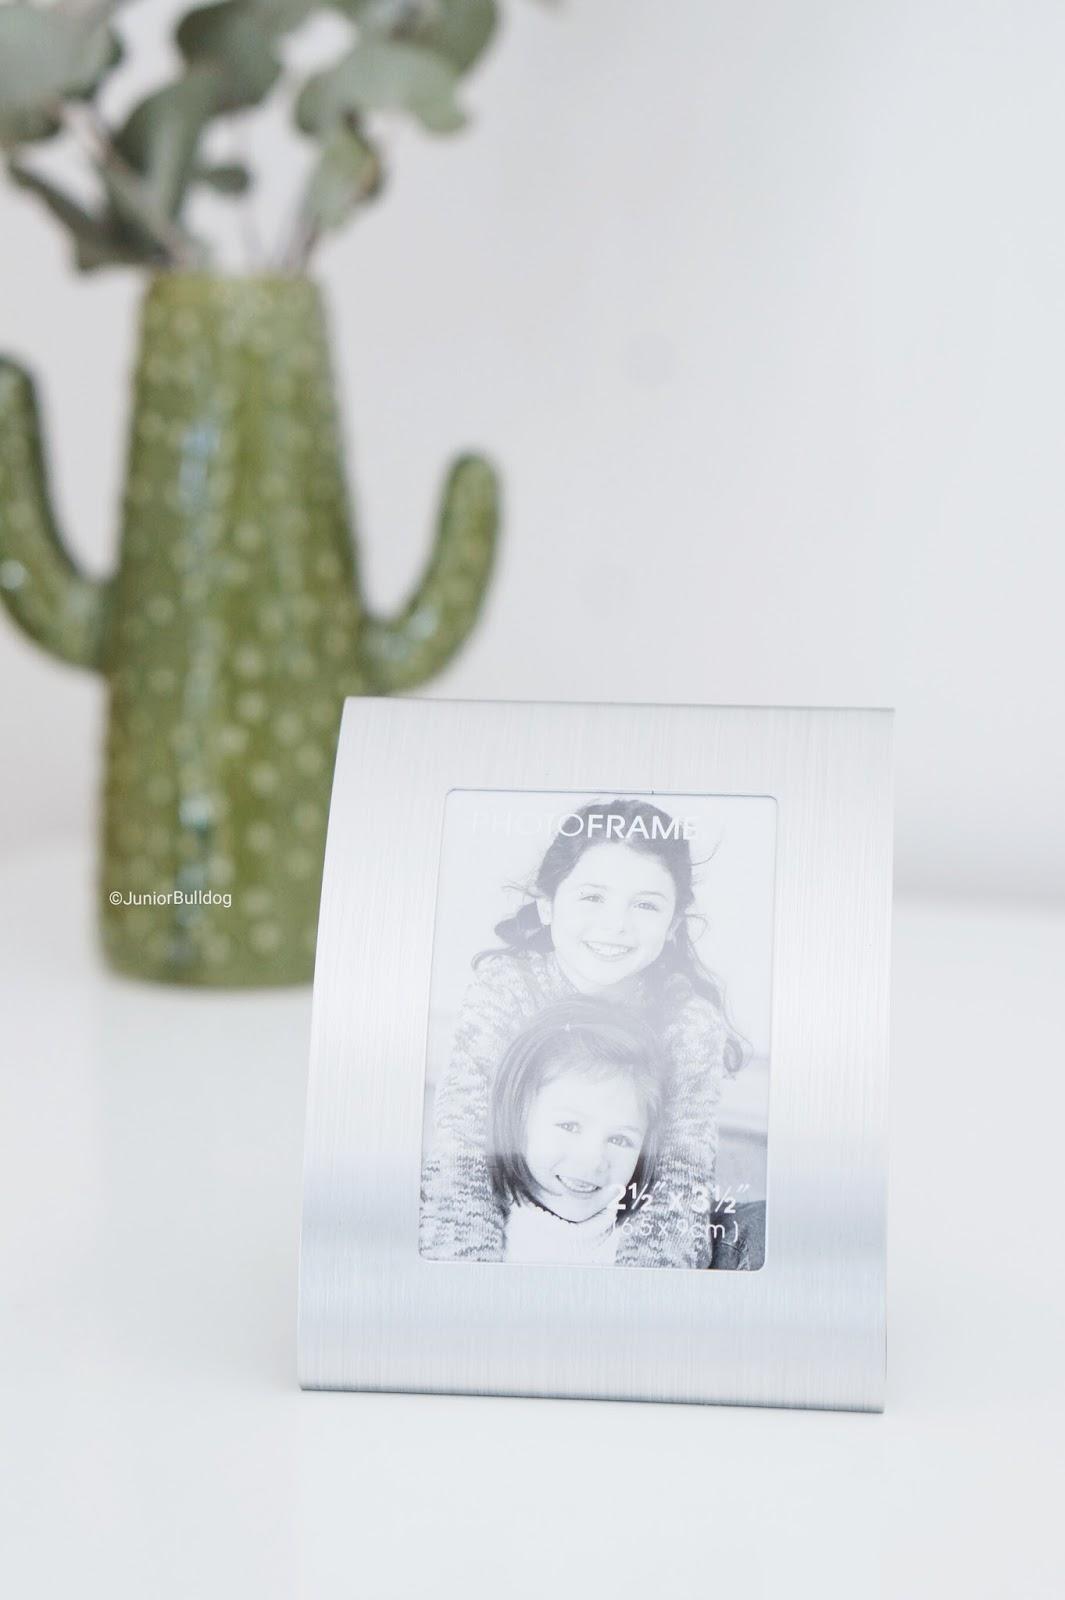 cadre photo vase cactus